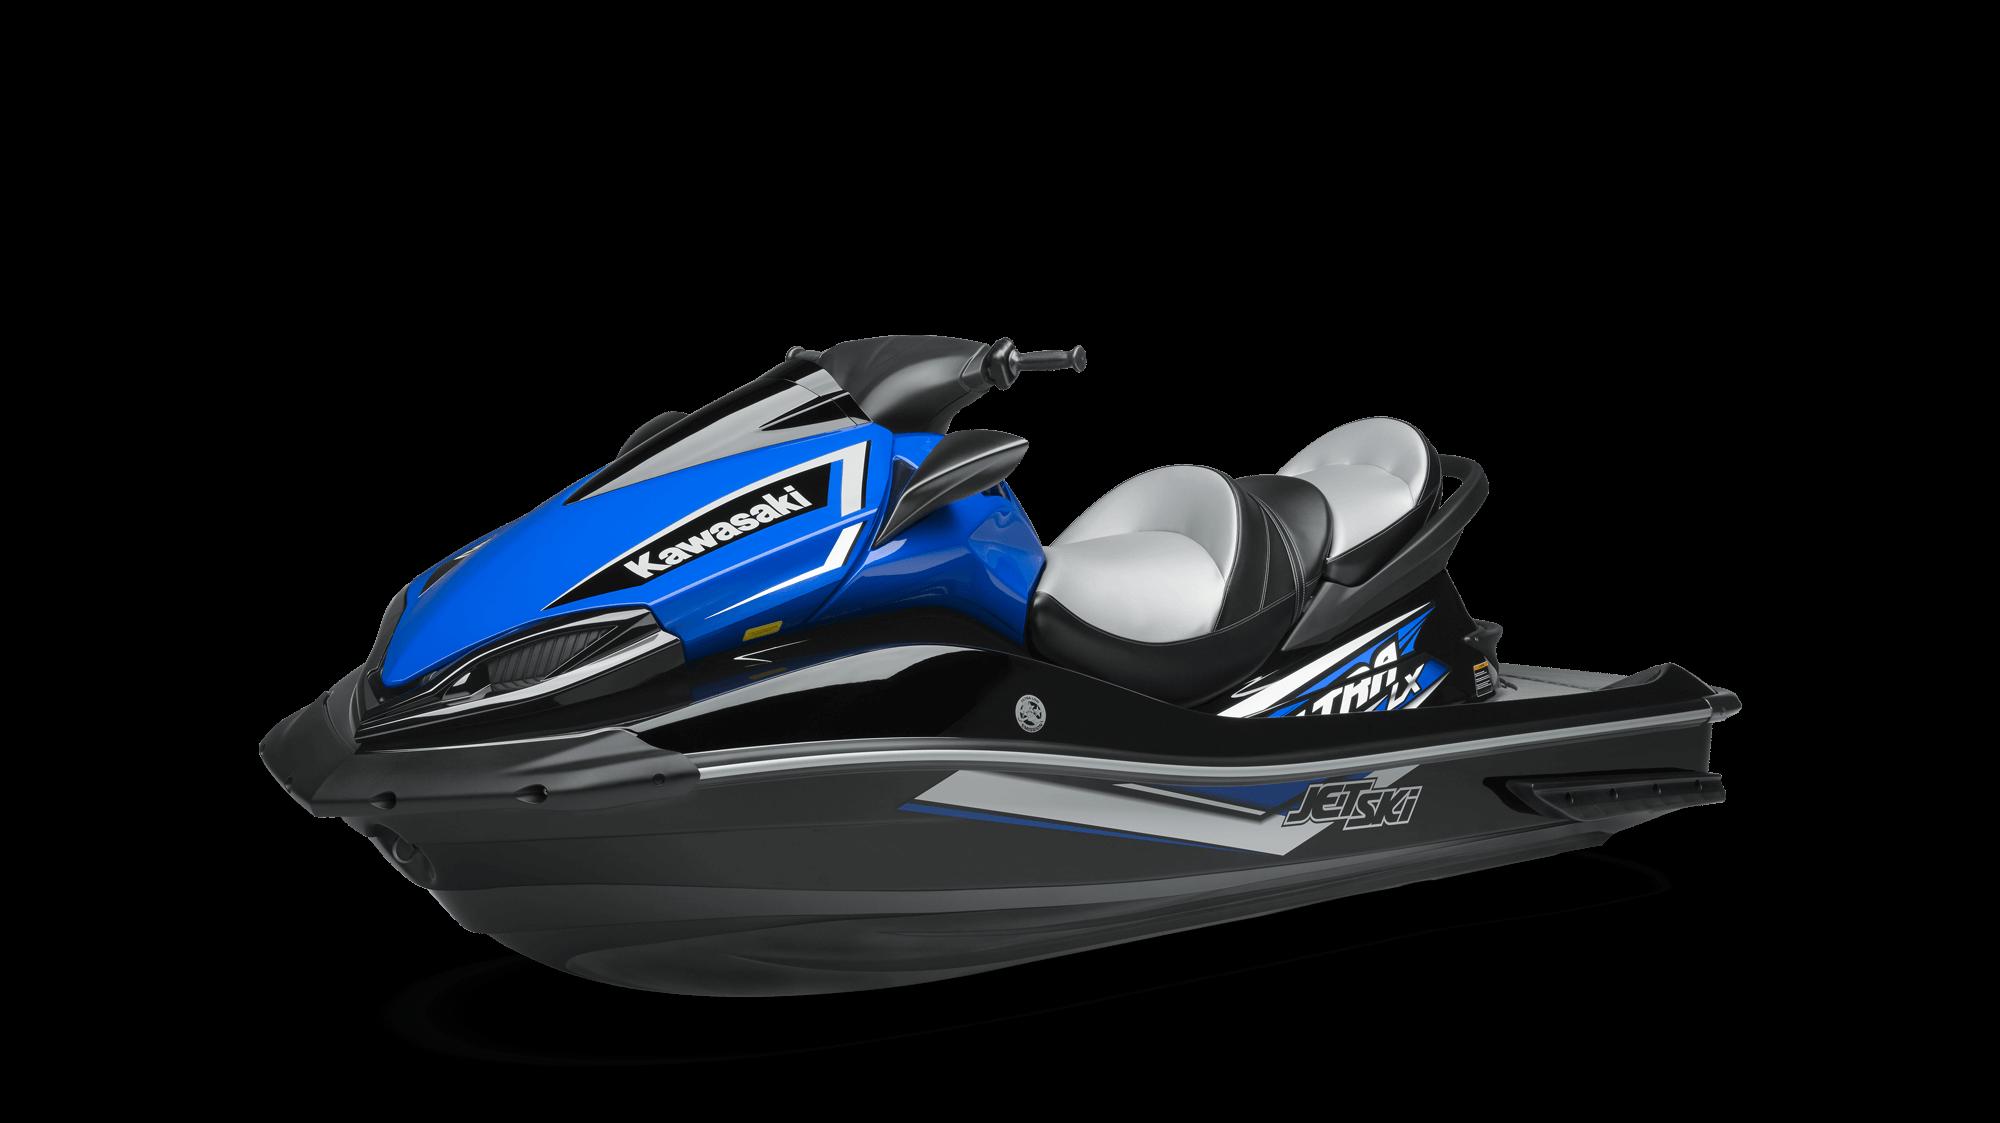 Kawasaki Ultra Lx Price